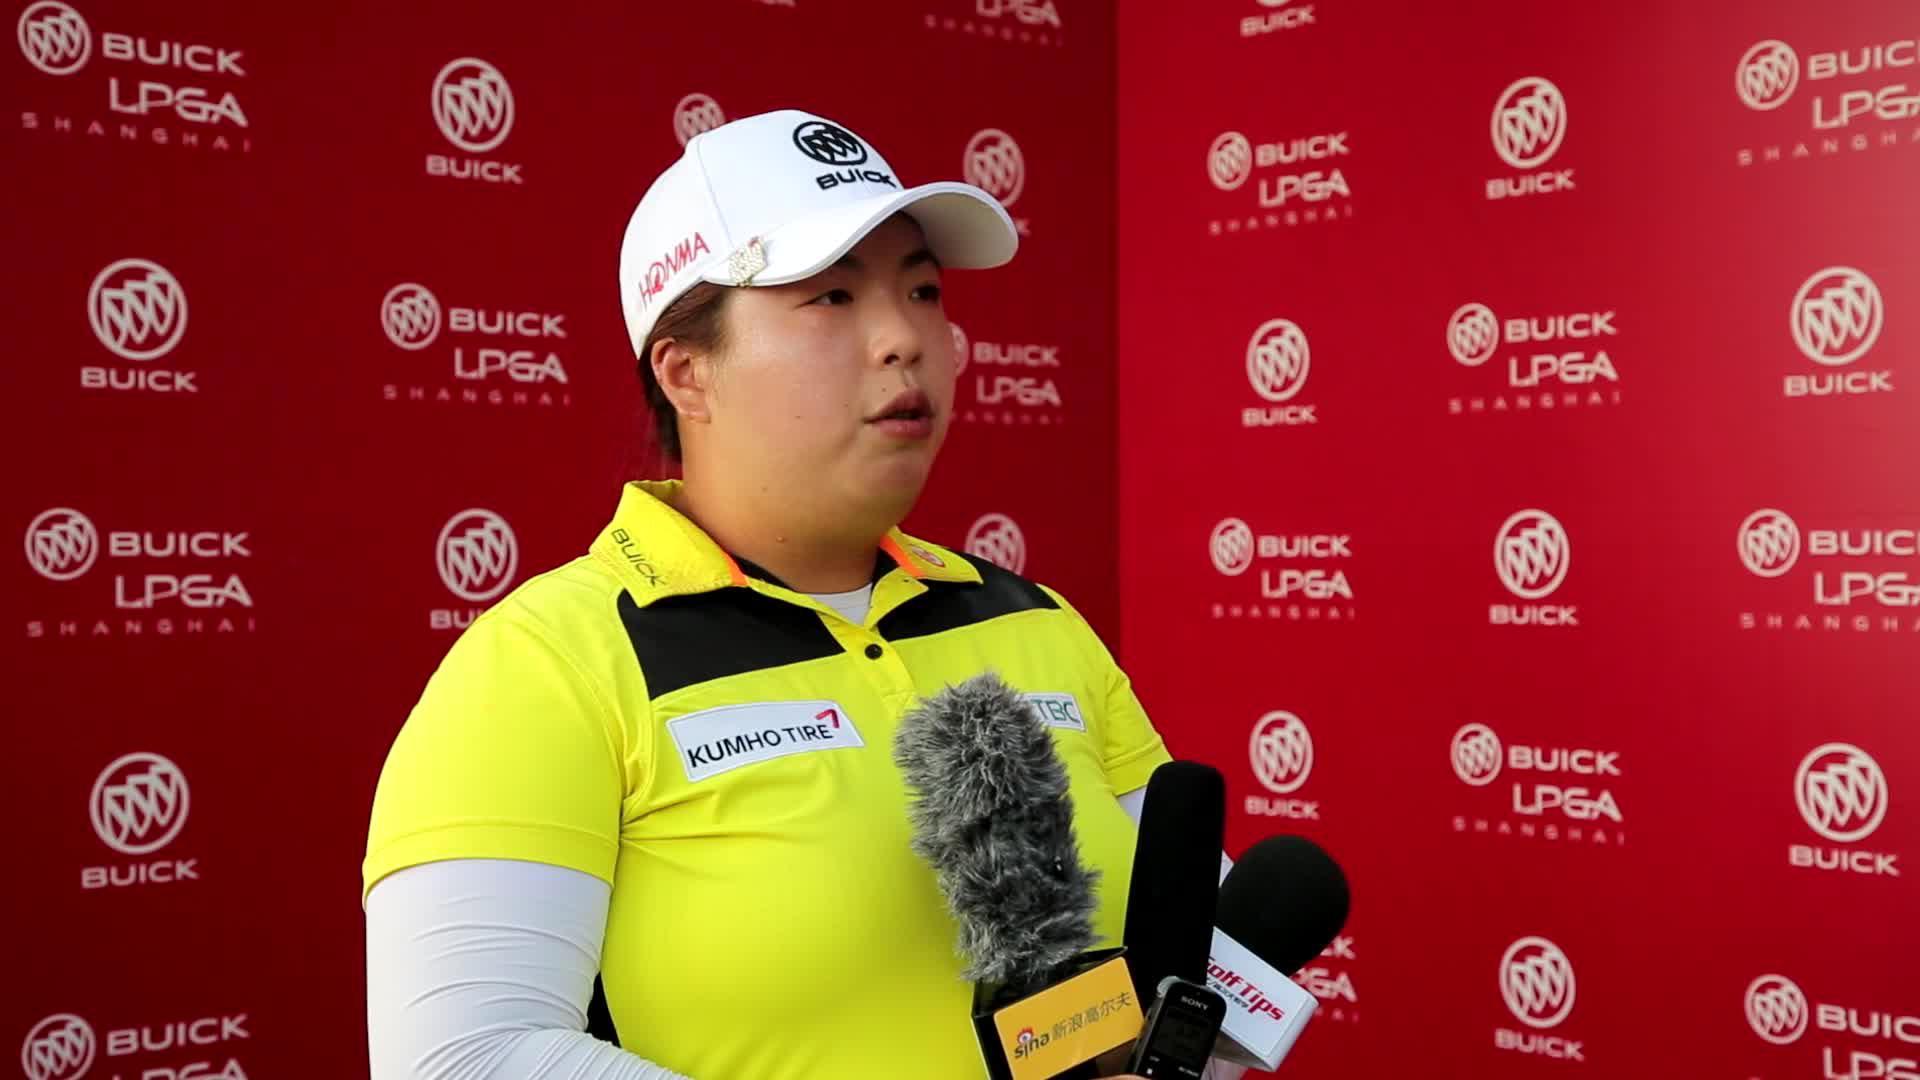 视频-别克LPGA赛冯珊珊T14:虽不完美但已尽力